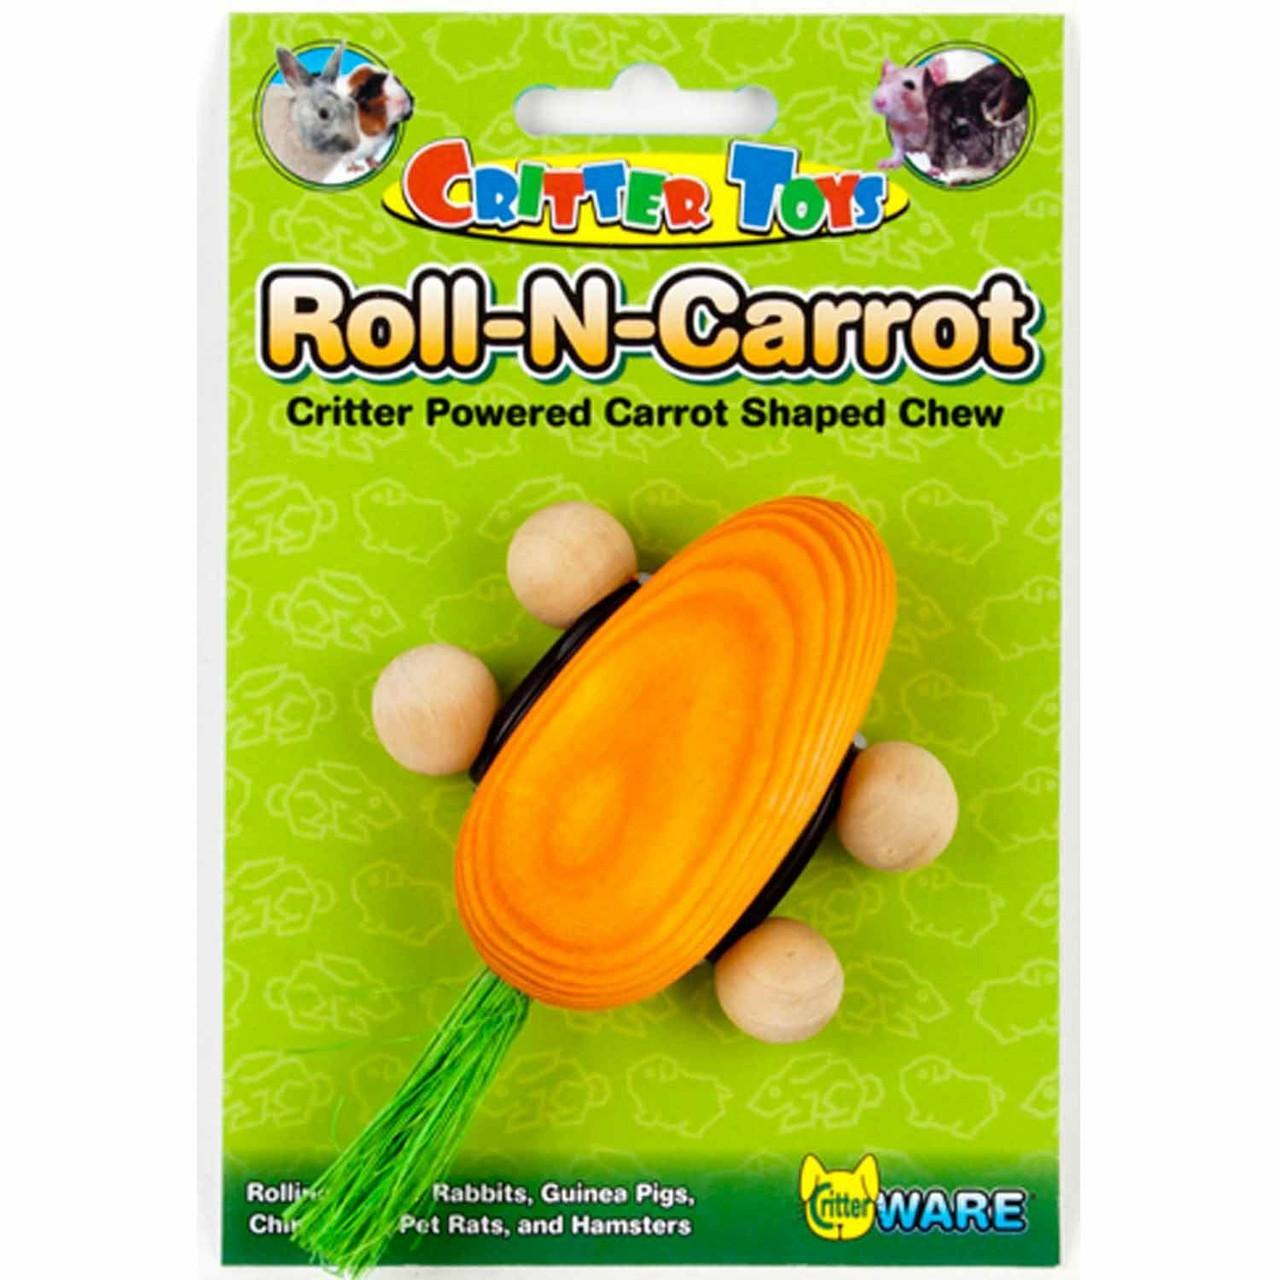 Critter Toys Roll - N - Carrot